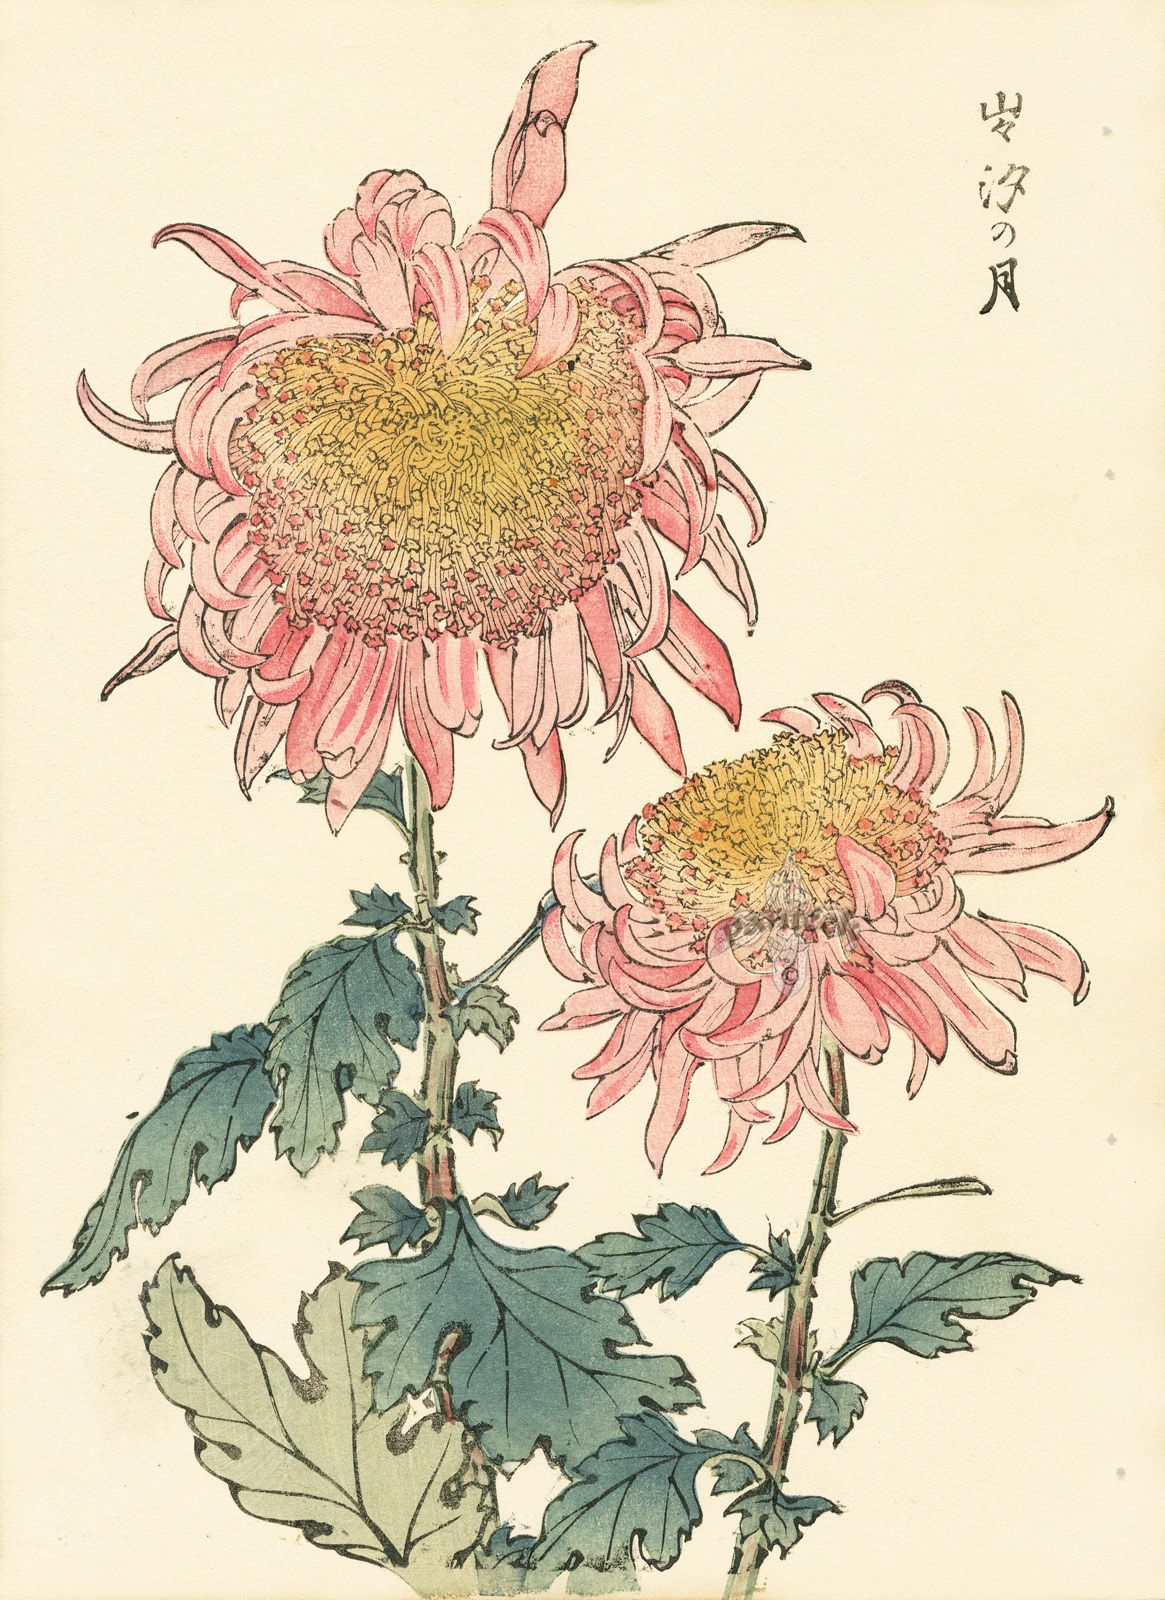 Keika Hasegawa Chrysanthemum Wood Block Prints 1893 Grabados Botanicos Arte Japones Dibujos